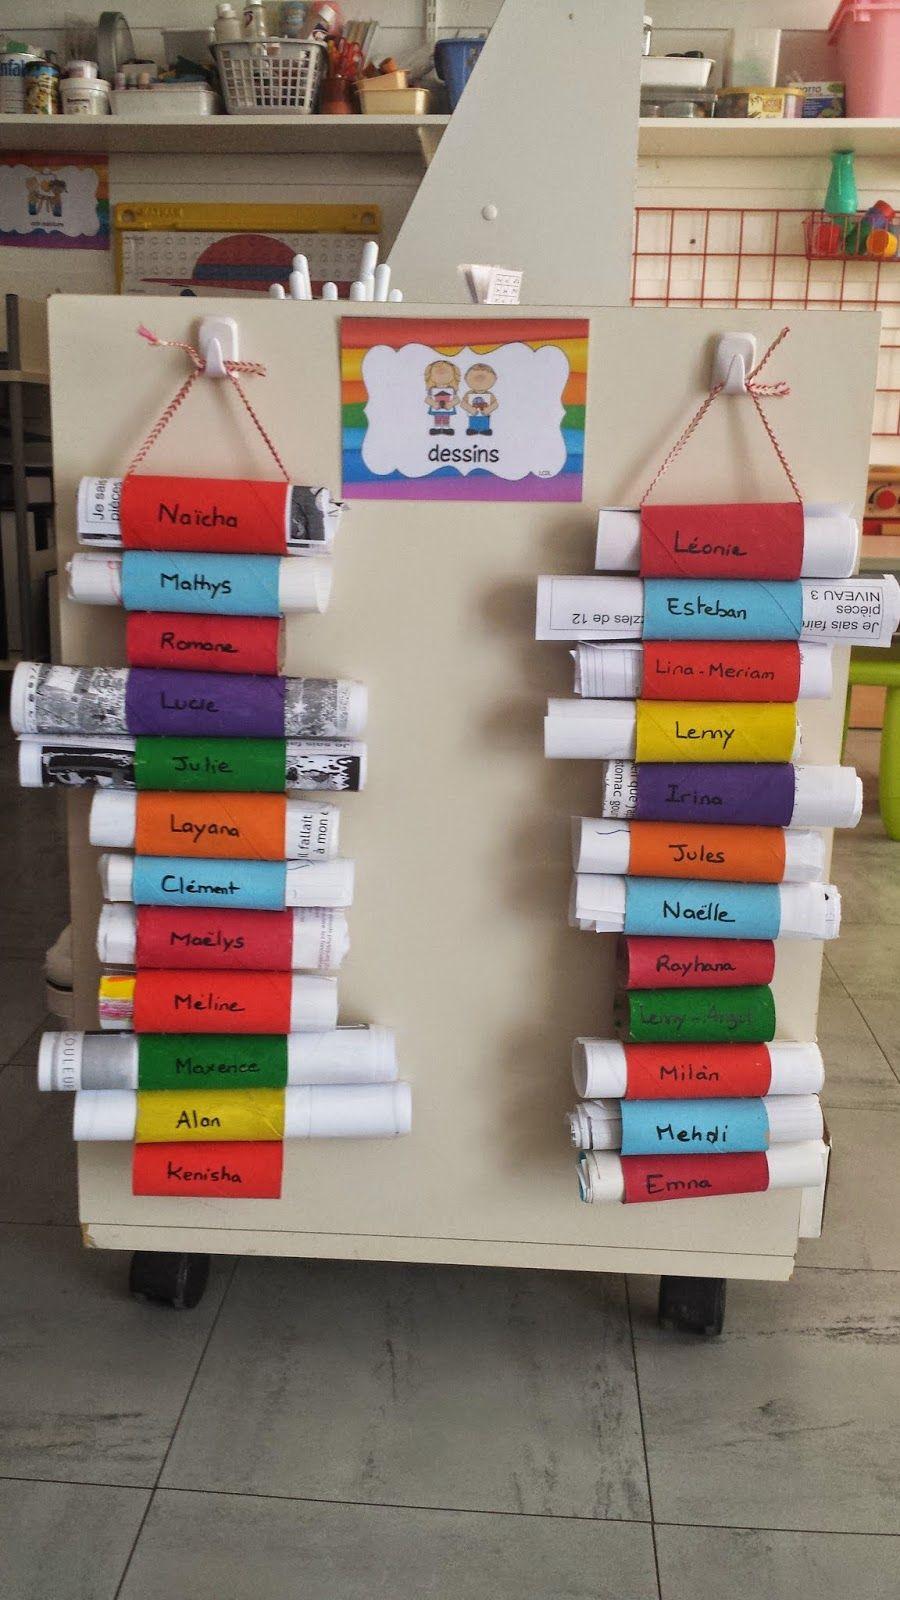 Pin de pamela alegria en trabajo niños | Pinterest | Buzón, Hoja y Aula